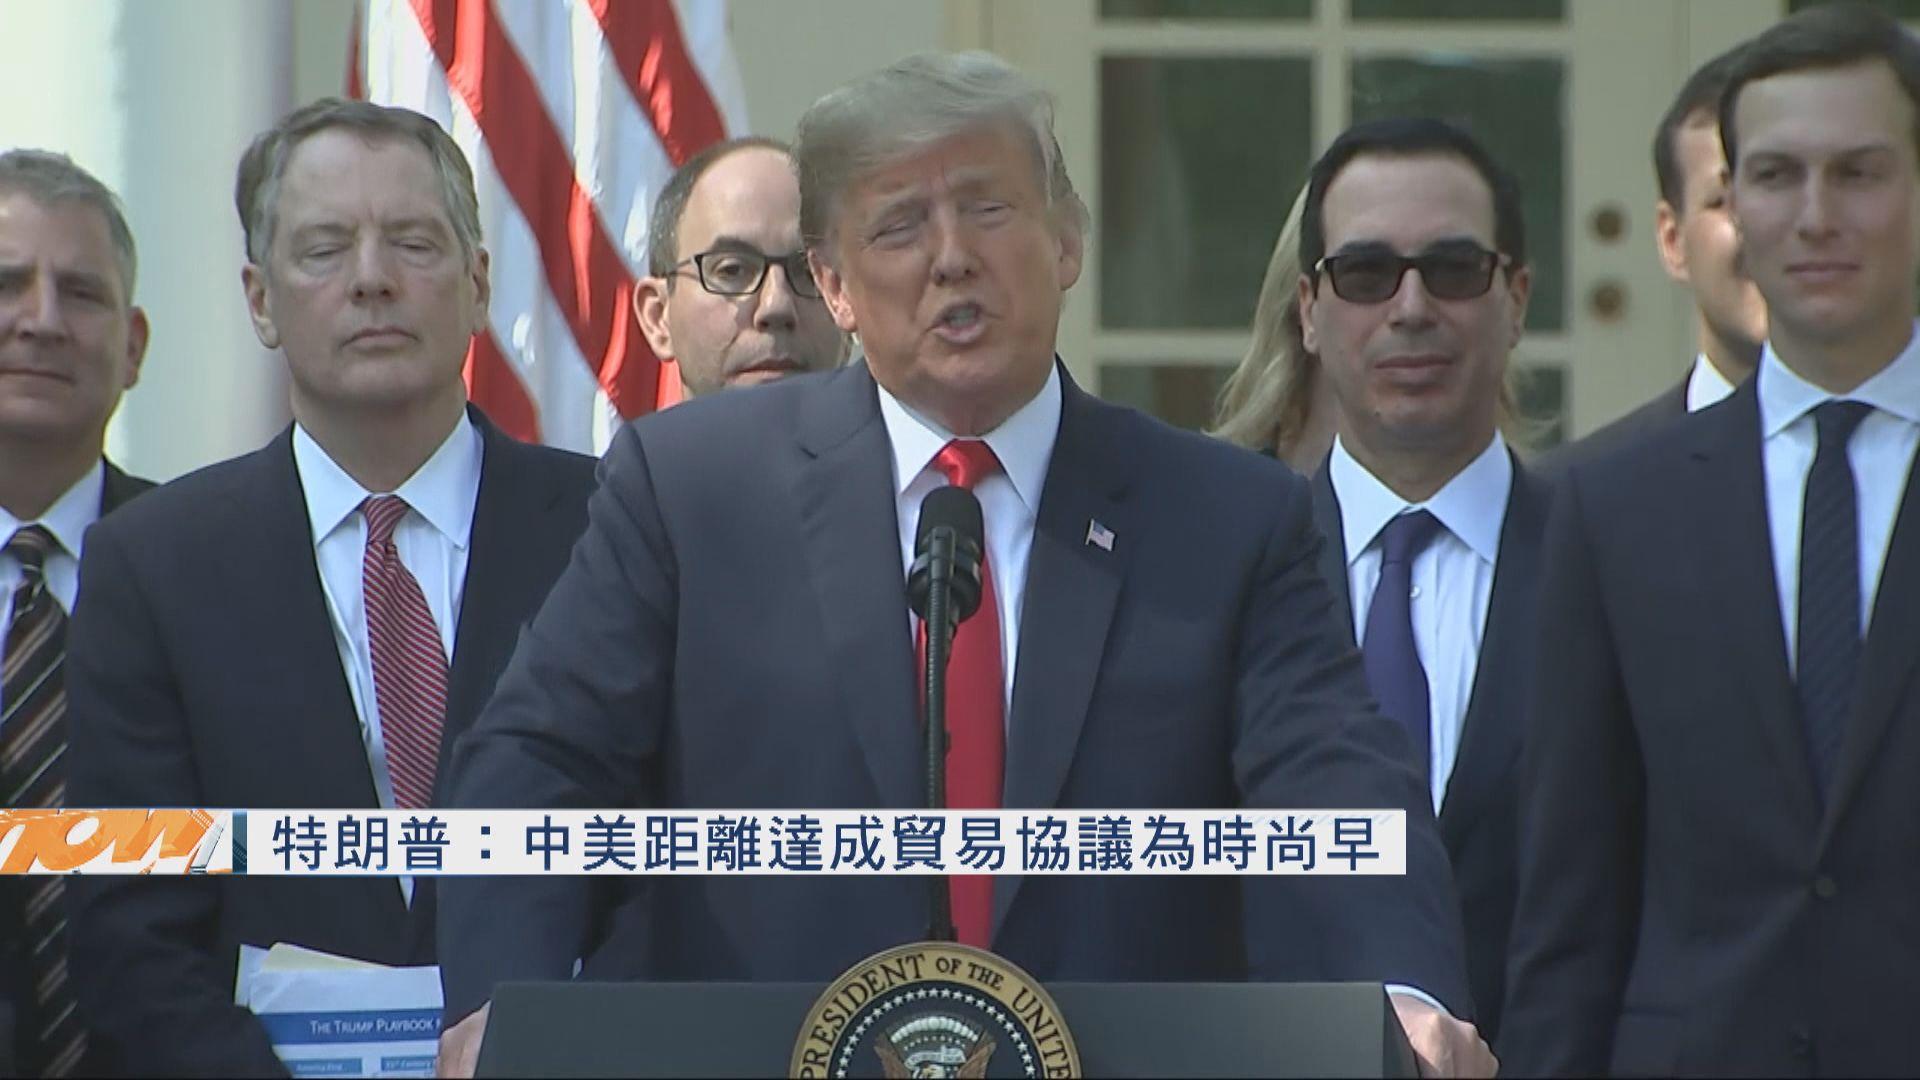 特朗普:中美距離達成貿易協議為時尚早